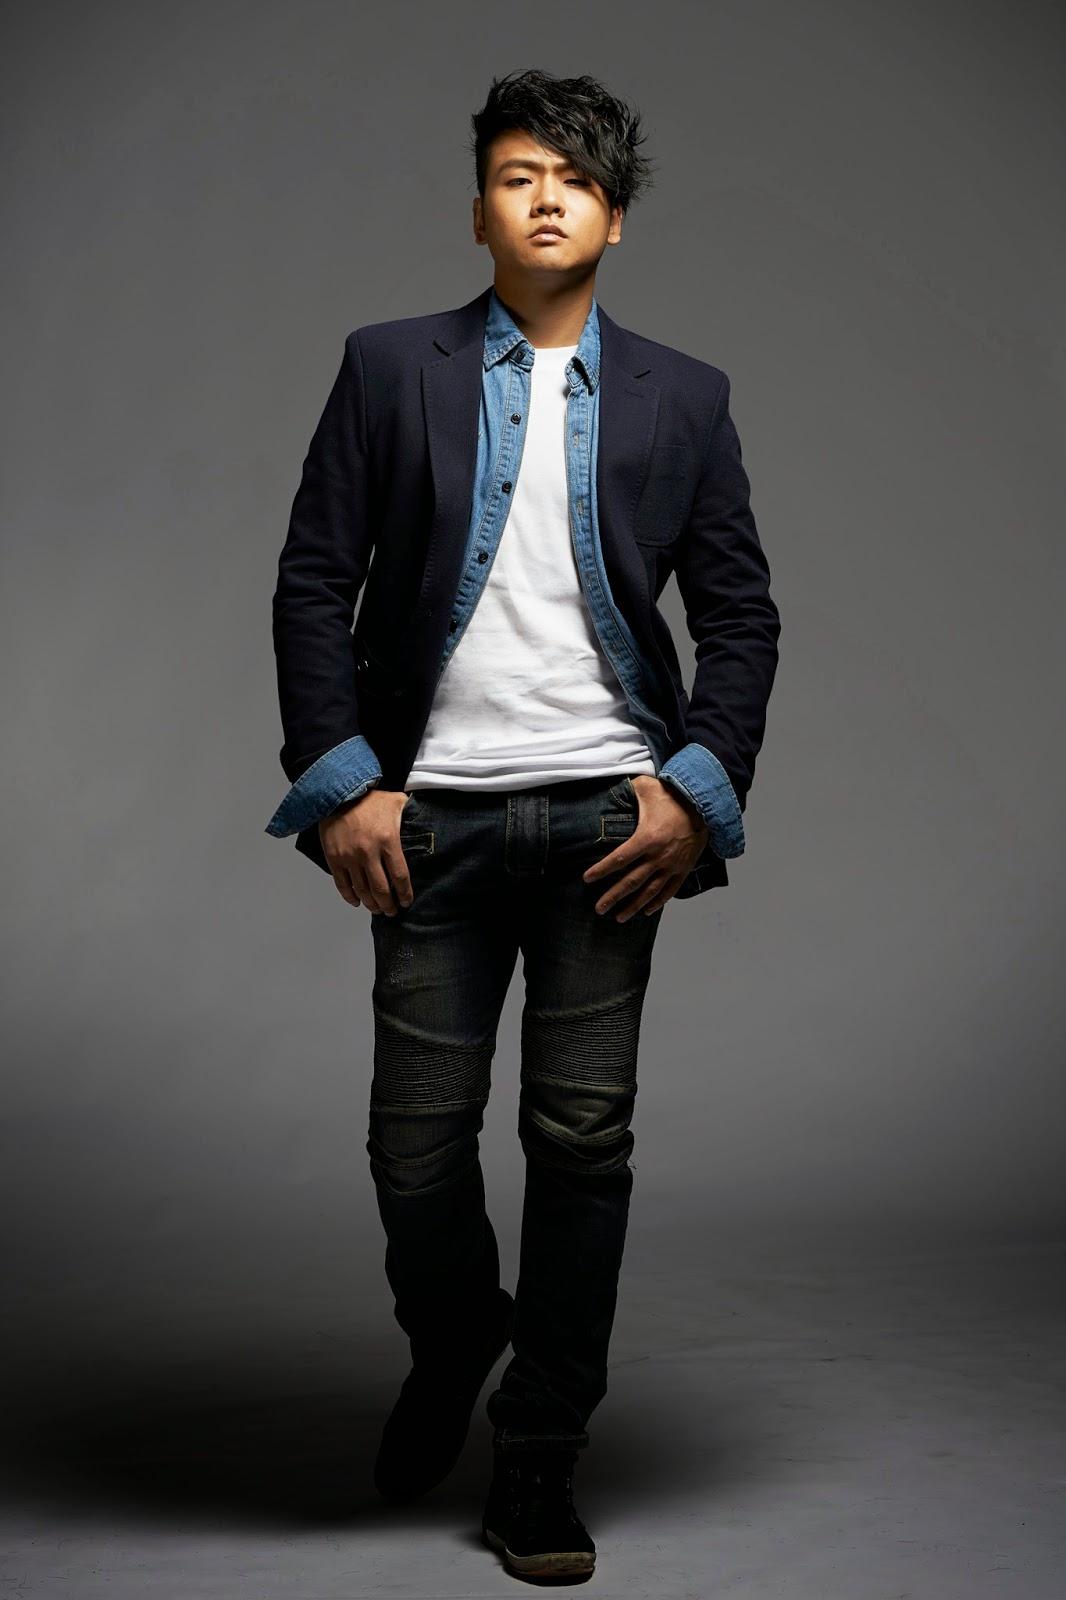 李崗霖將發行數位單曲 情難捨靈感寫出「好嗎」 - WoWoNews